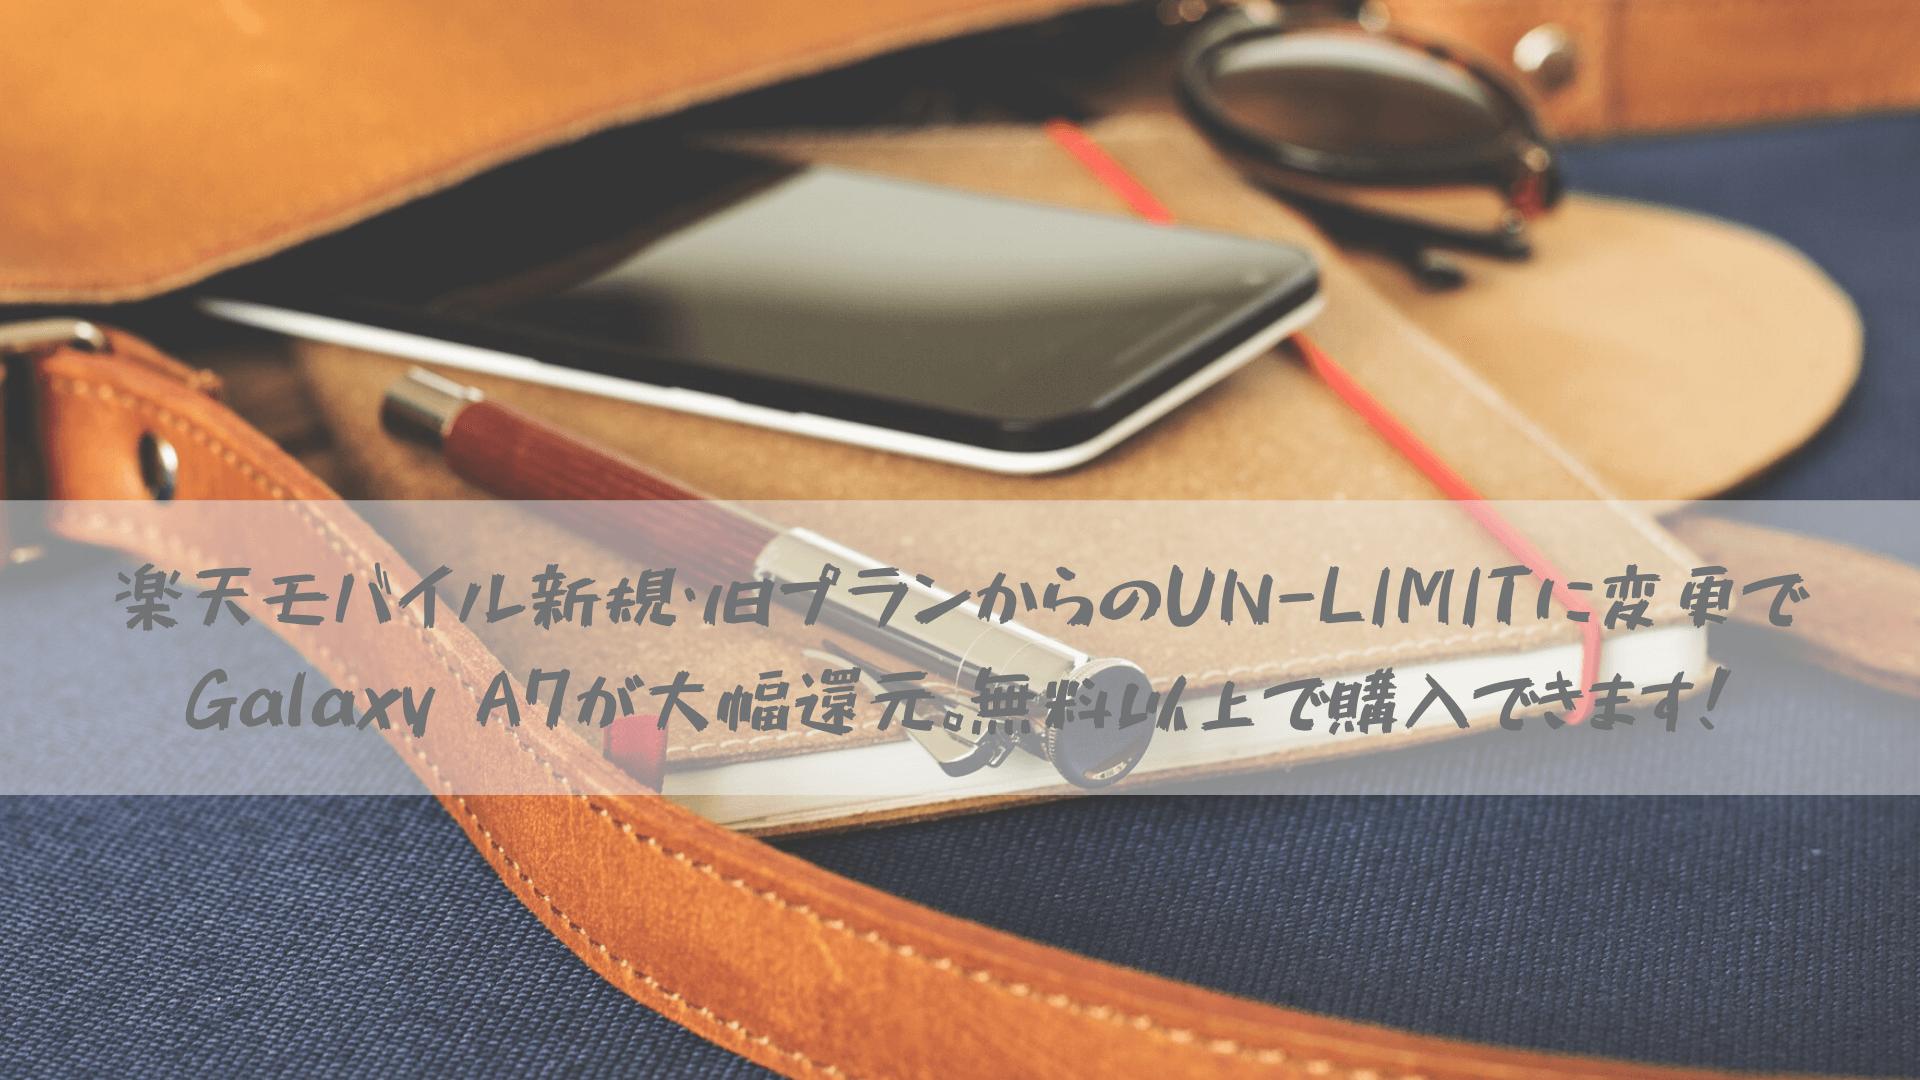 楽天モバイル新規・旧プランからのUN-LIMITに変更でGalaxy A7が大幅還元。無料以上で購入できます!